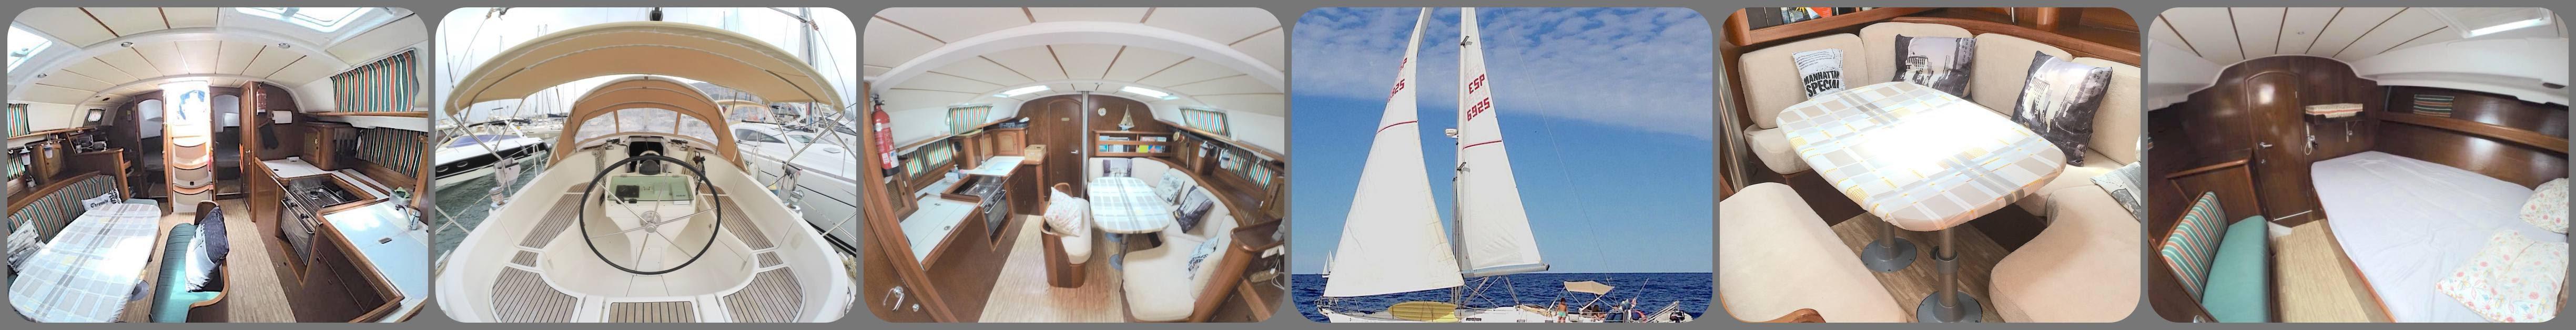 Fotogramas barco